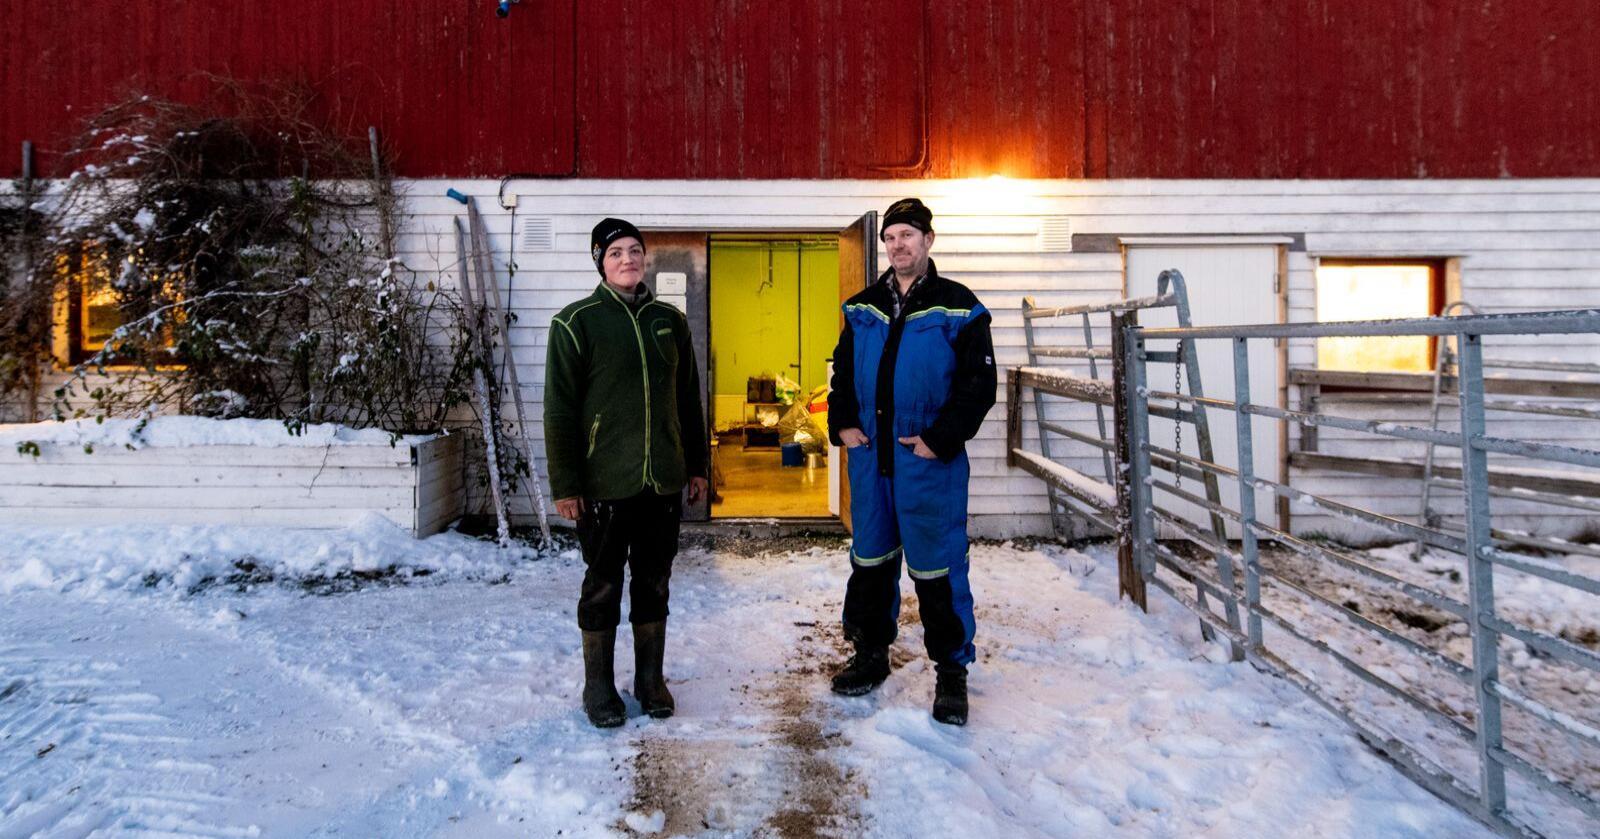 Torill Nevland Fallet og Frode Fallet hadde ledig plass i fjøset etter avvikling av mjølkeproduksjon. No har dei tatt imot dyr frå evakuerte gardar. Foto: Vidar Sandnes